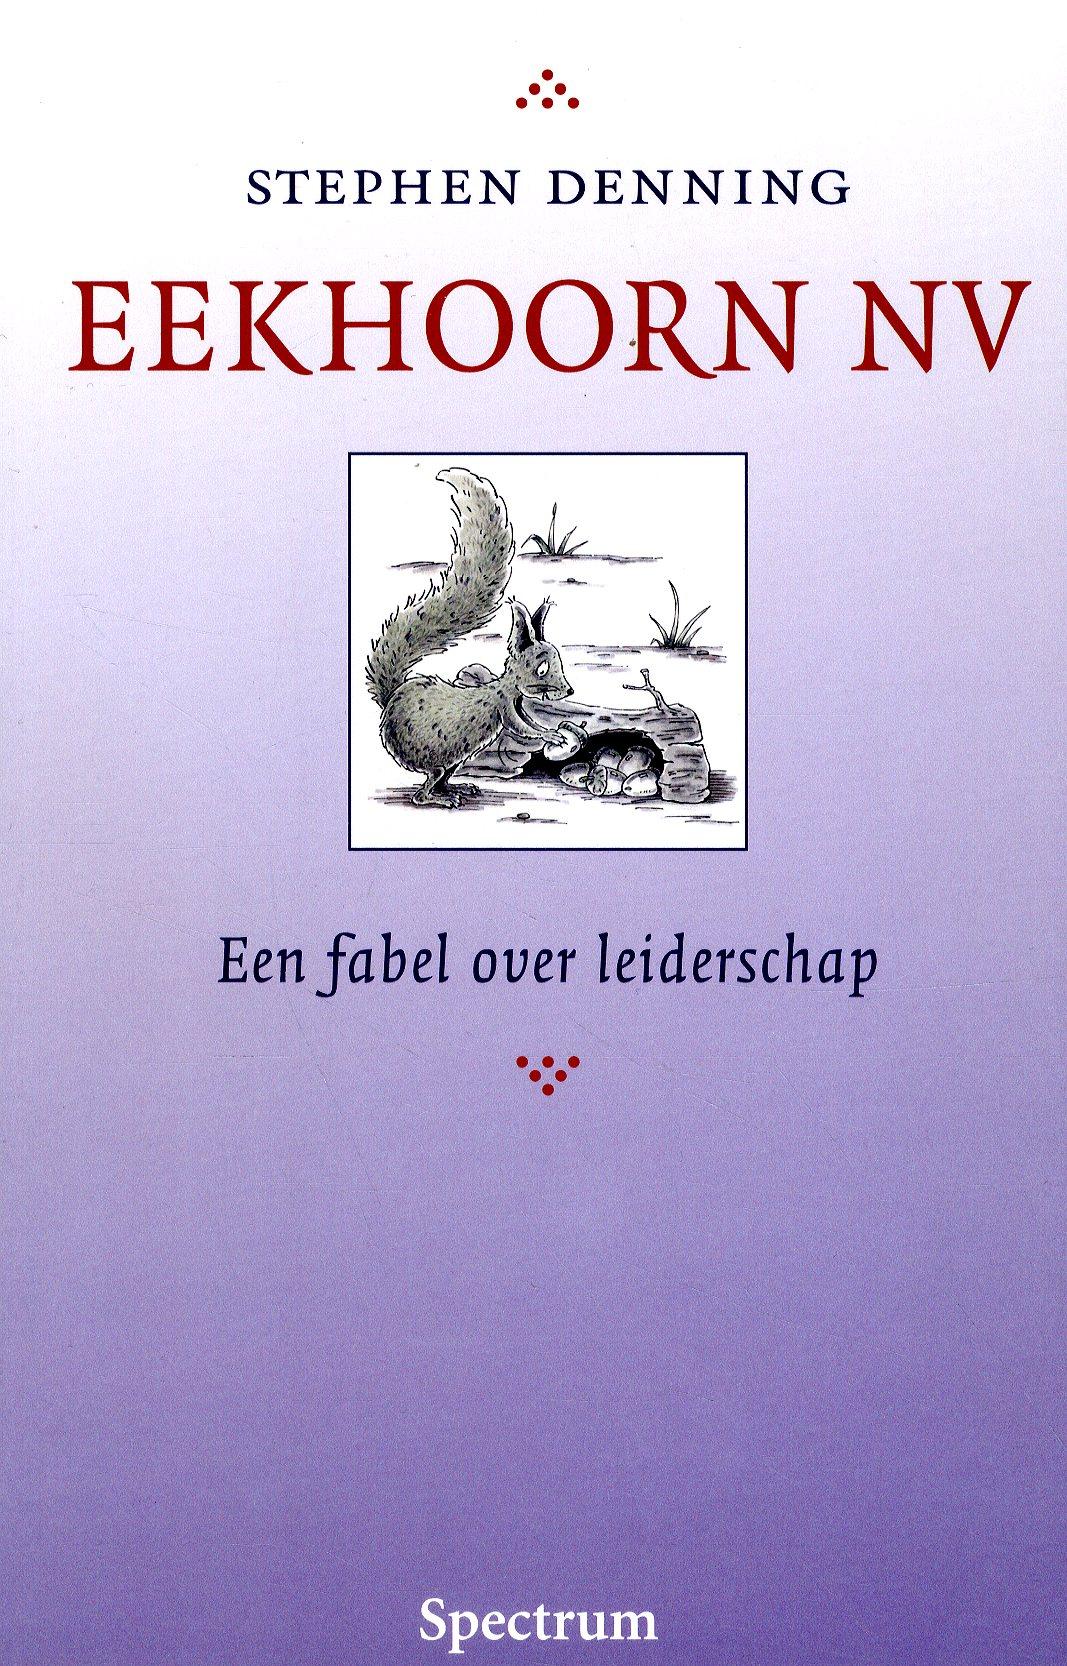 Eekhoorn NV, fabel over leiderschap